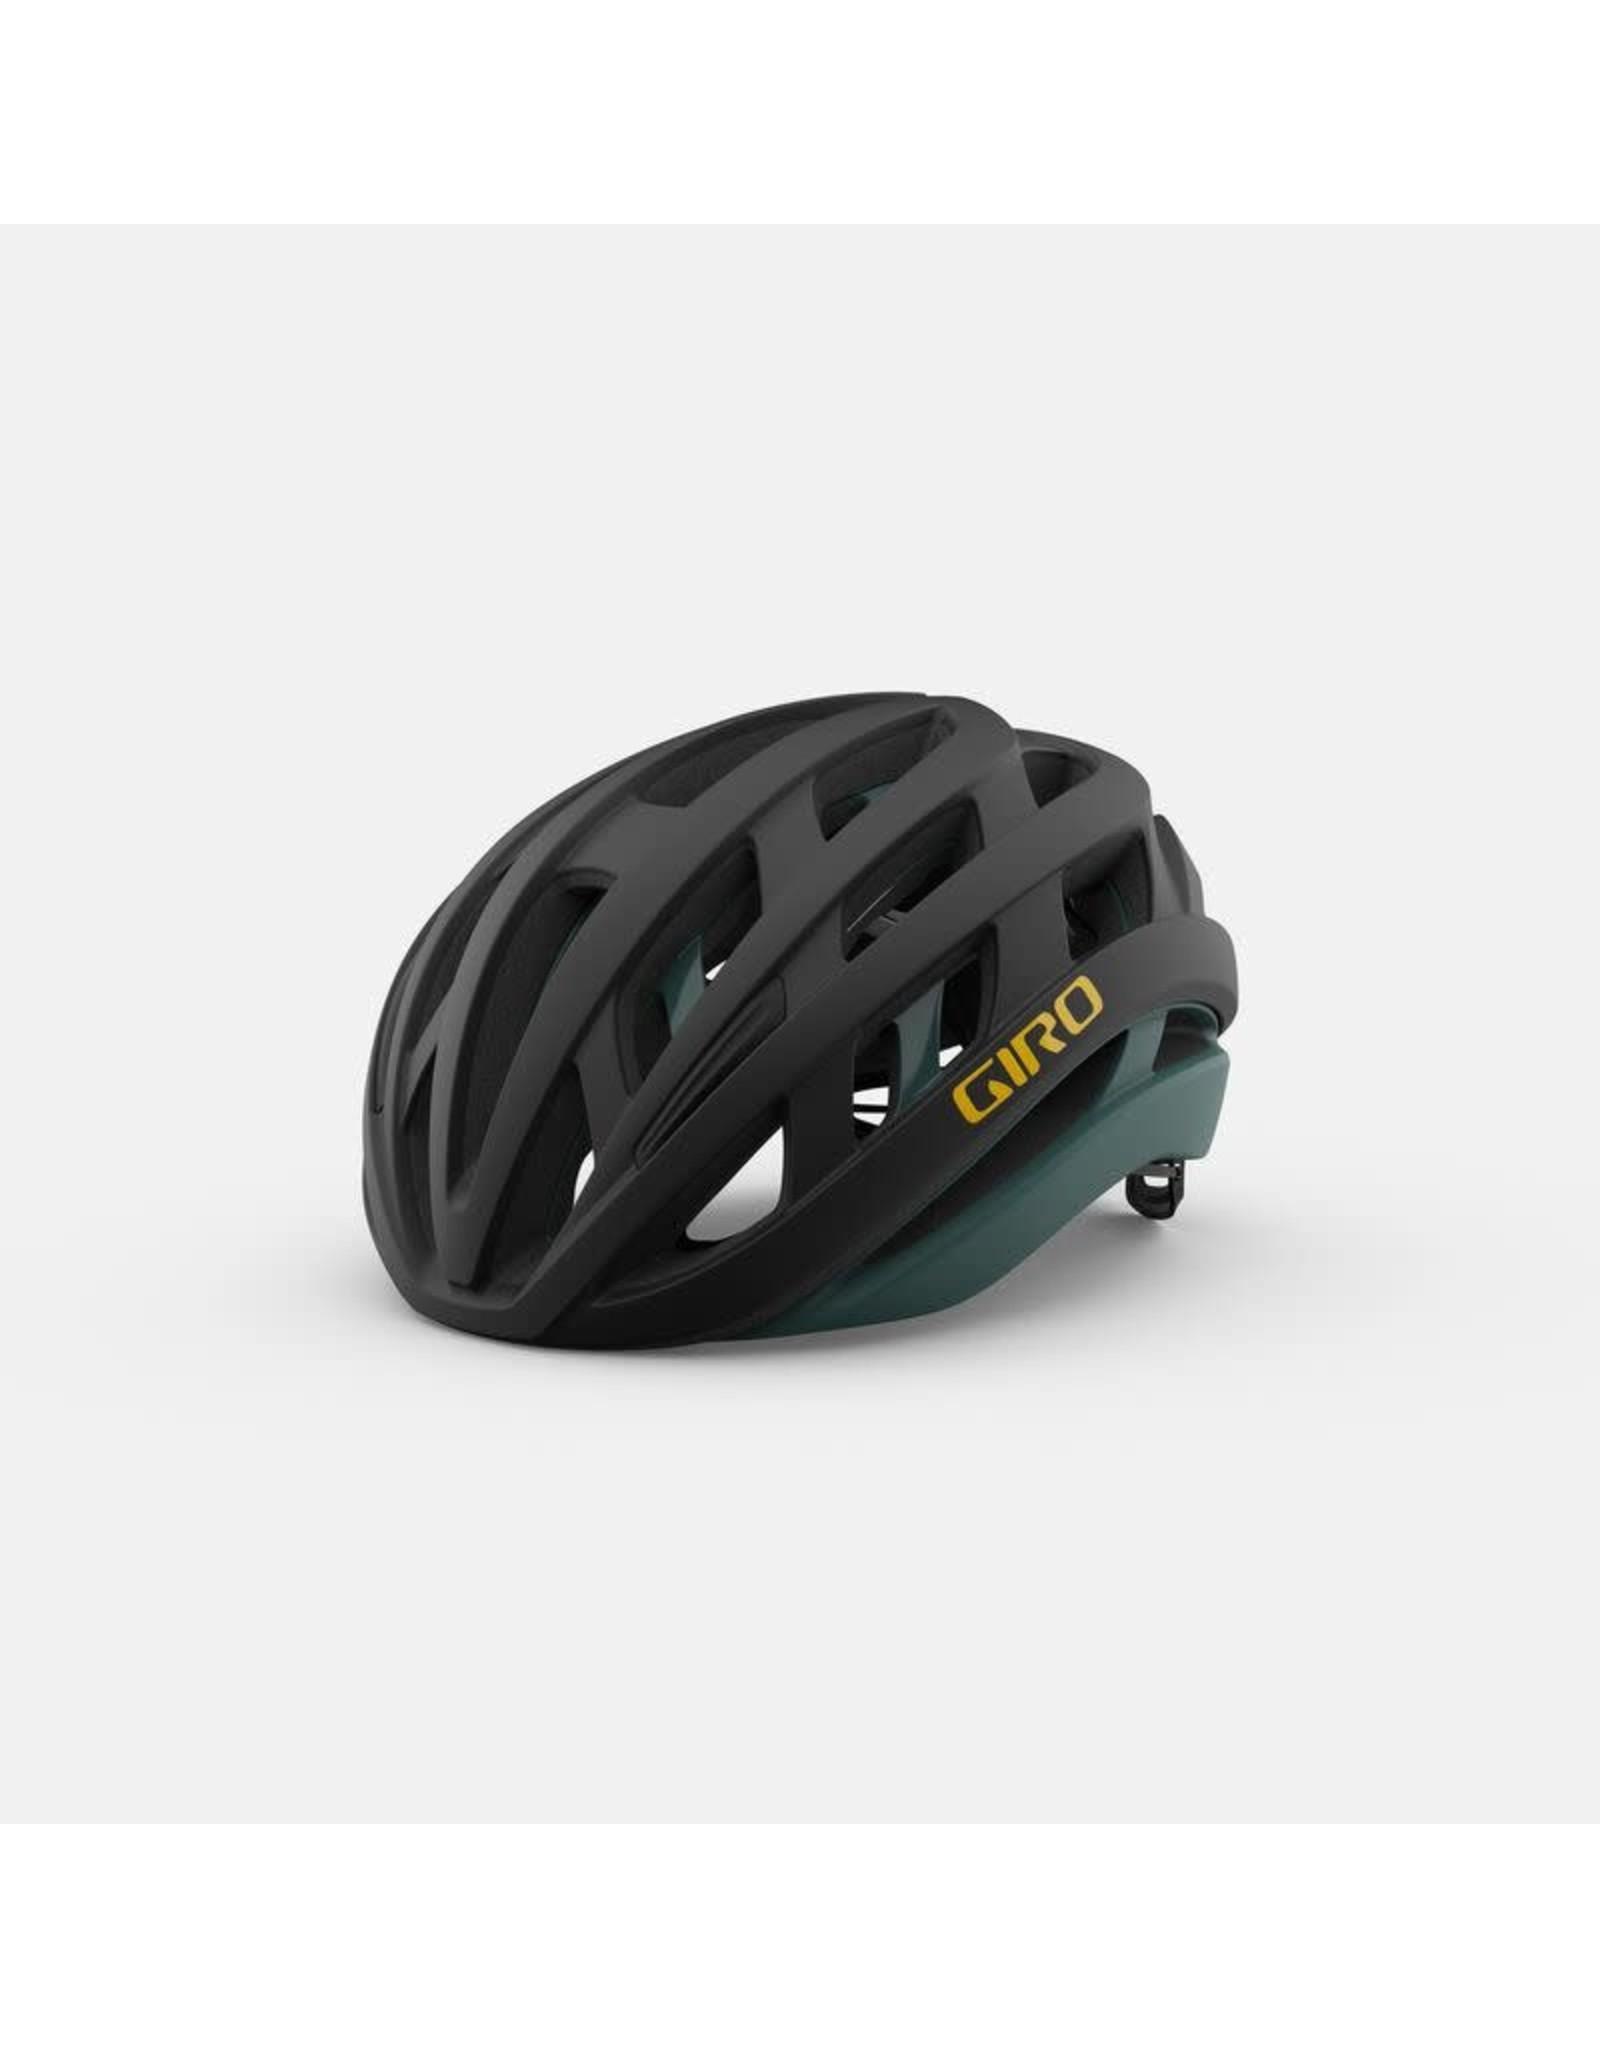 Giro 21, Giro Helios Spherical